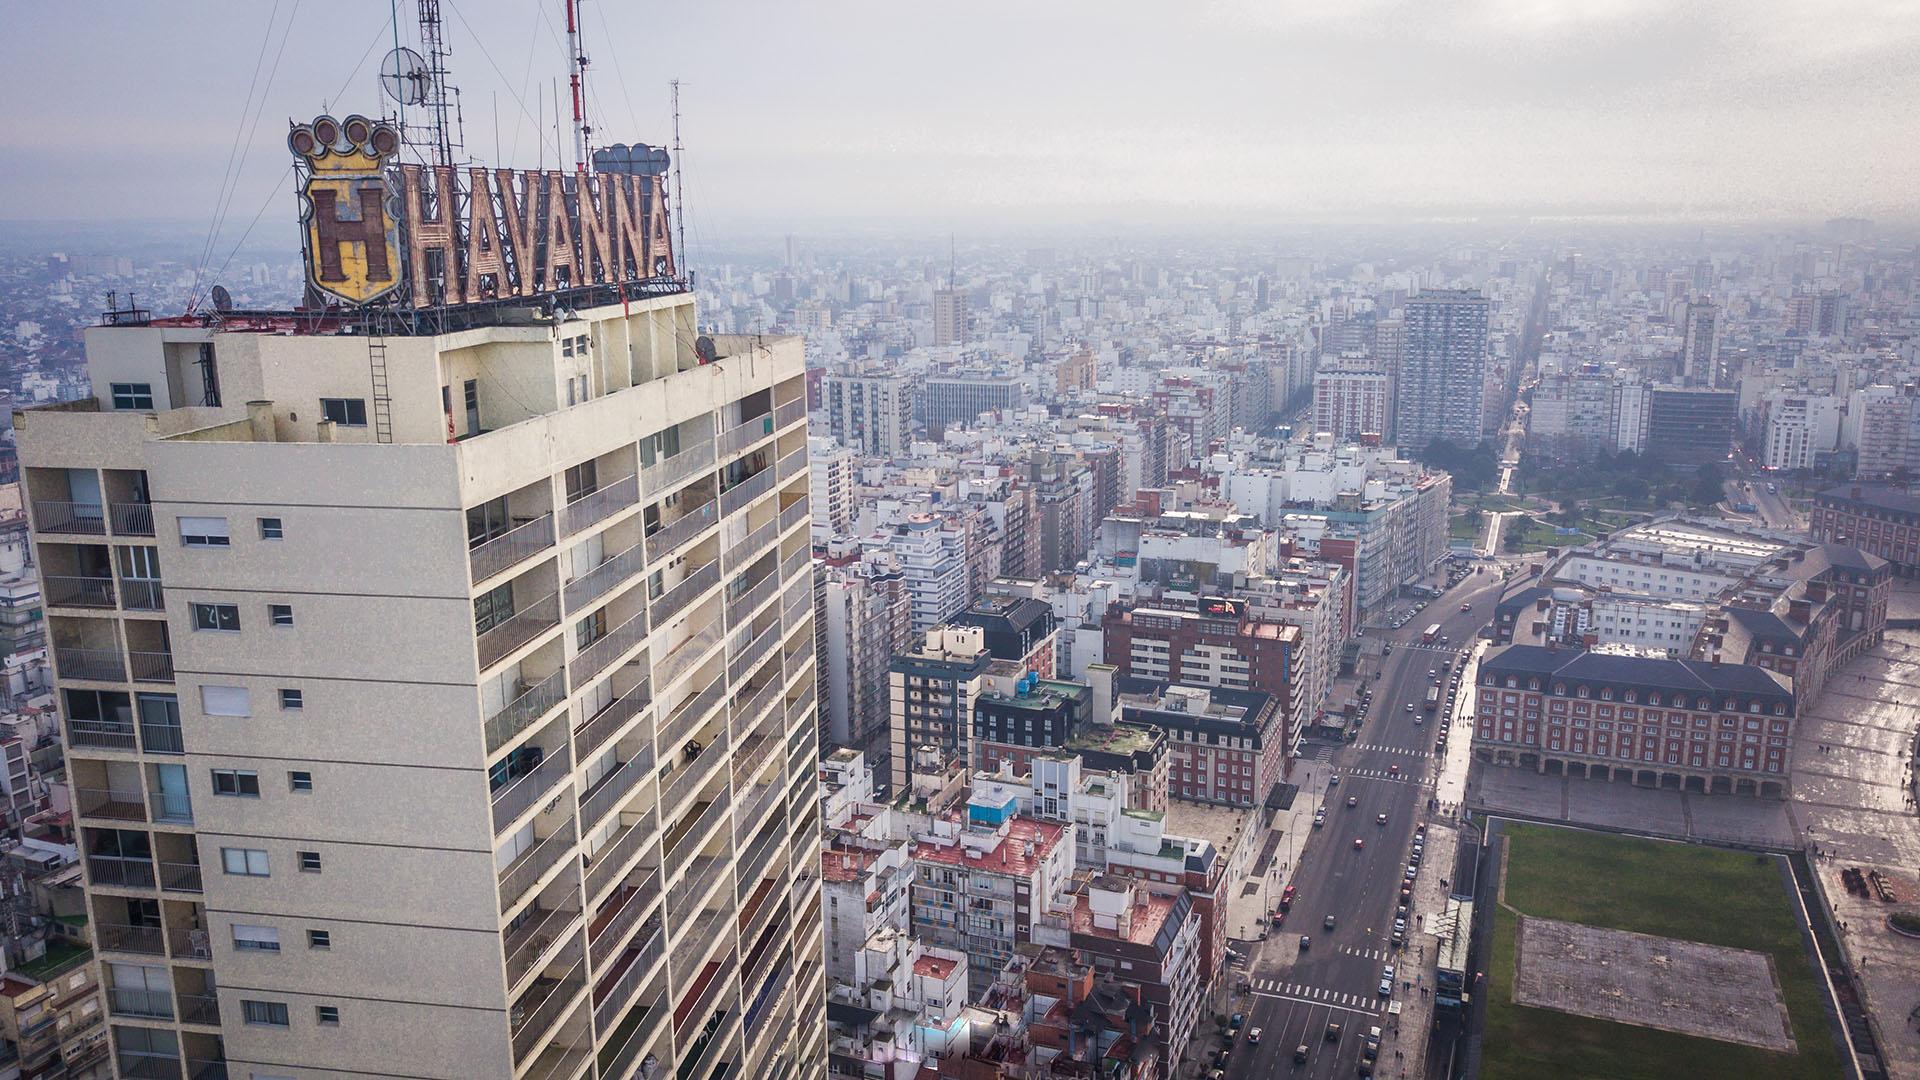 El Edificio Demetrio Elíades es conocido popularmente como Edificio Havanna, por poseer el logo de la fábrica de alfajores